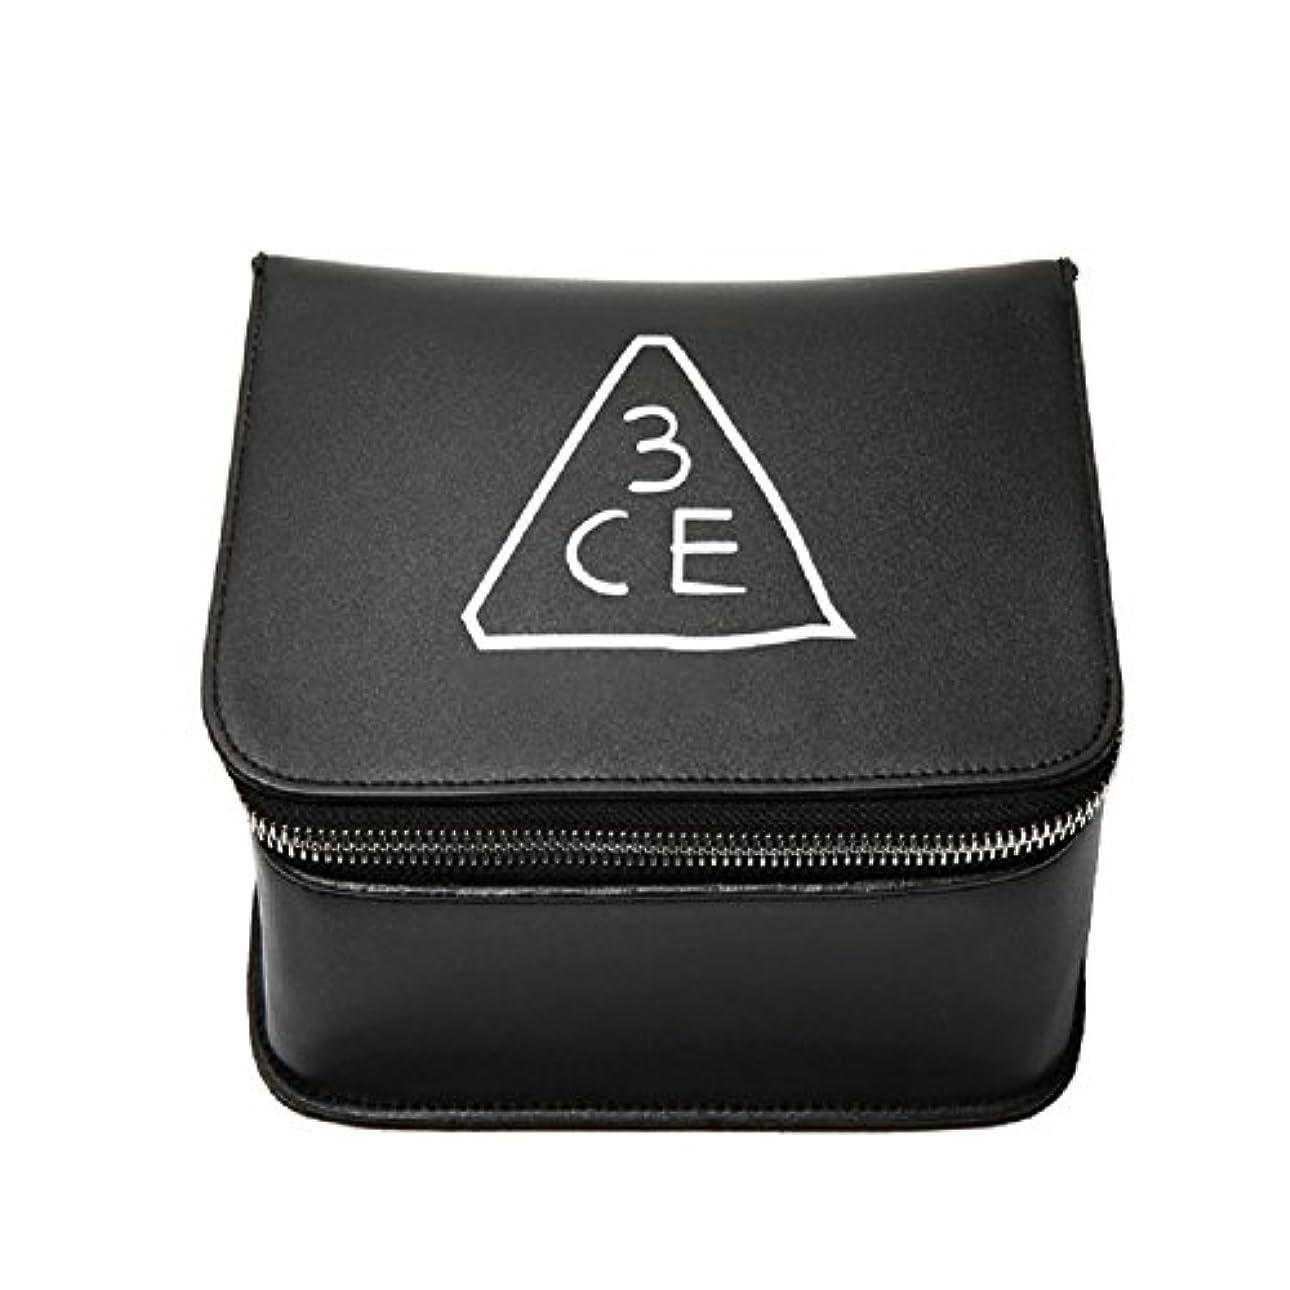 吐くアトミック談話3CE(3 CONCEPT EYES) COSMETIC BOX POUCH 化粧品 BOXポーチ stylenanda 婦人向け 旅行 ビッグサイズ[韓国並行輸入品]